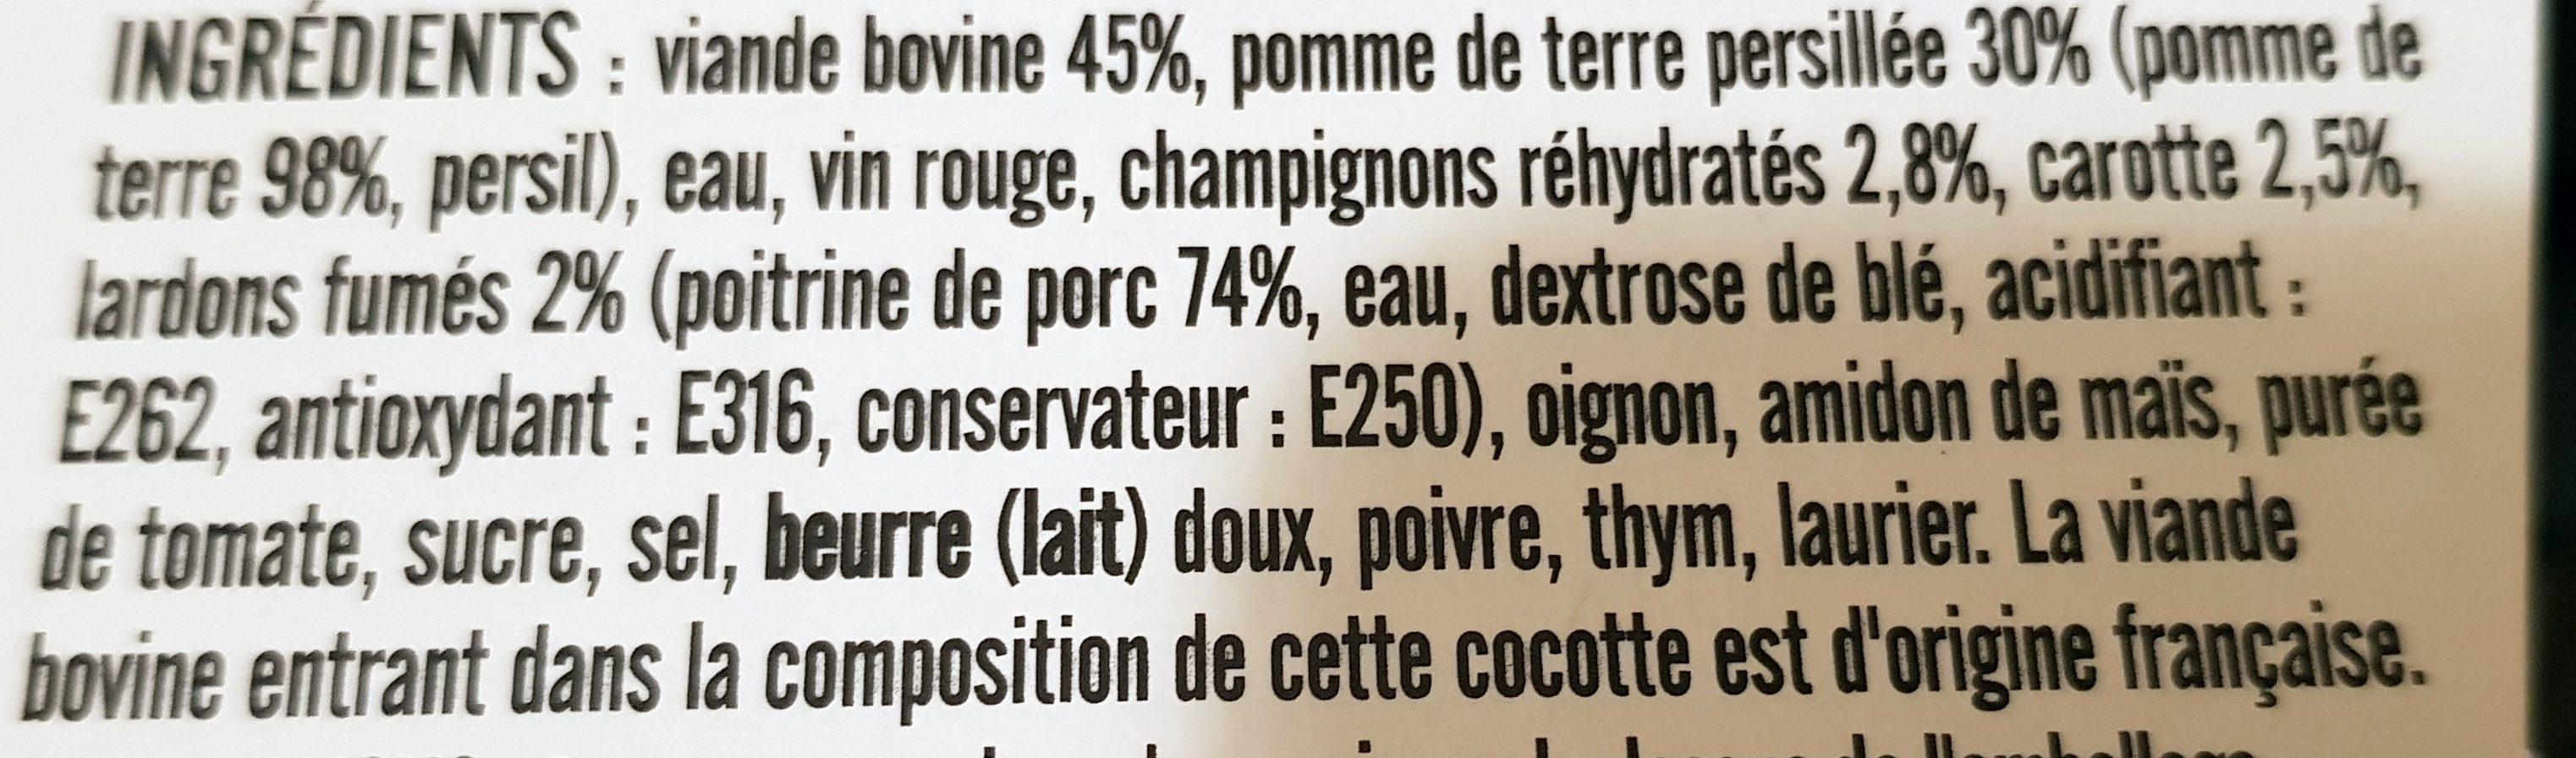 Bœuf Bourguignon et ses Pommes de Terre Persillées - Ingrédients